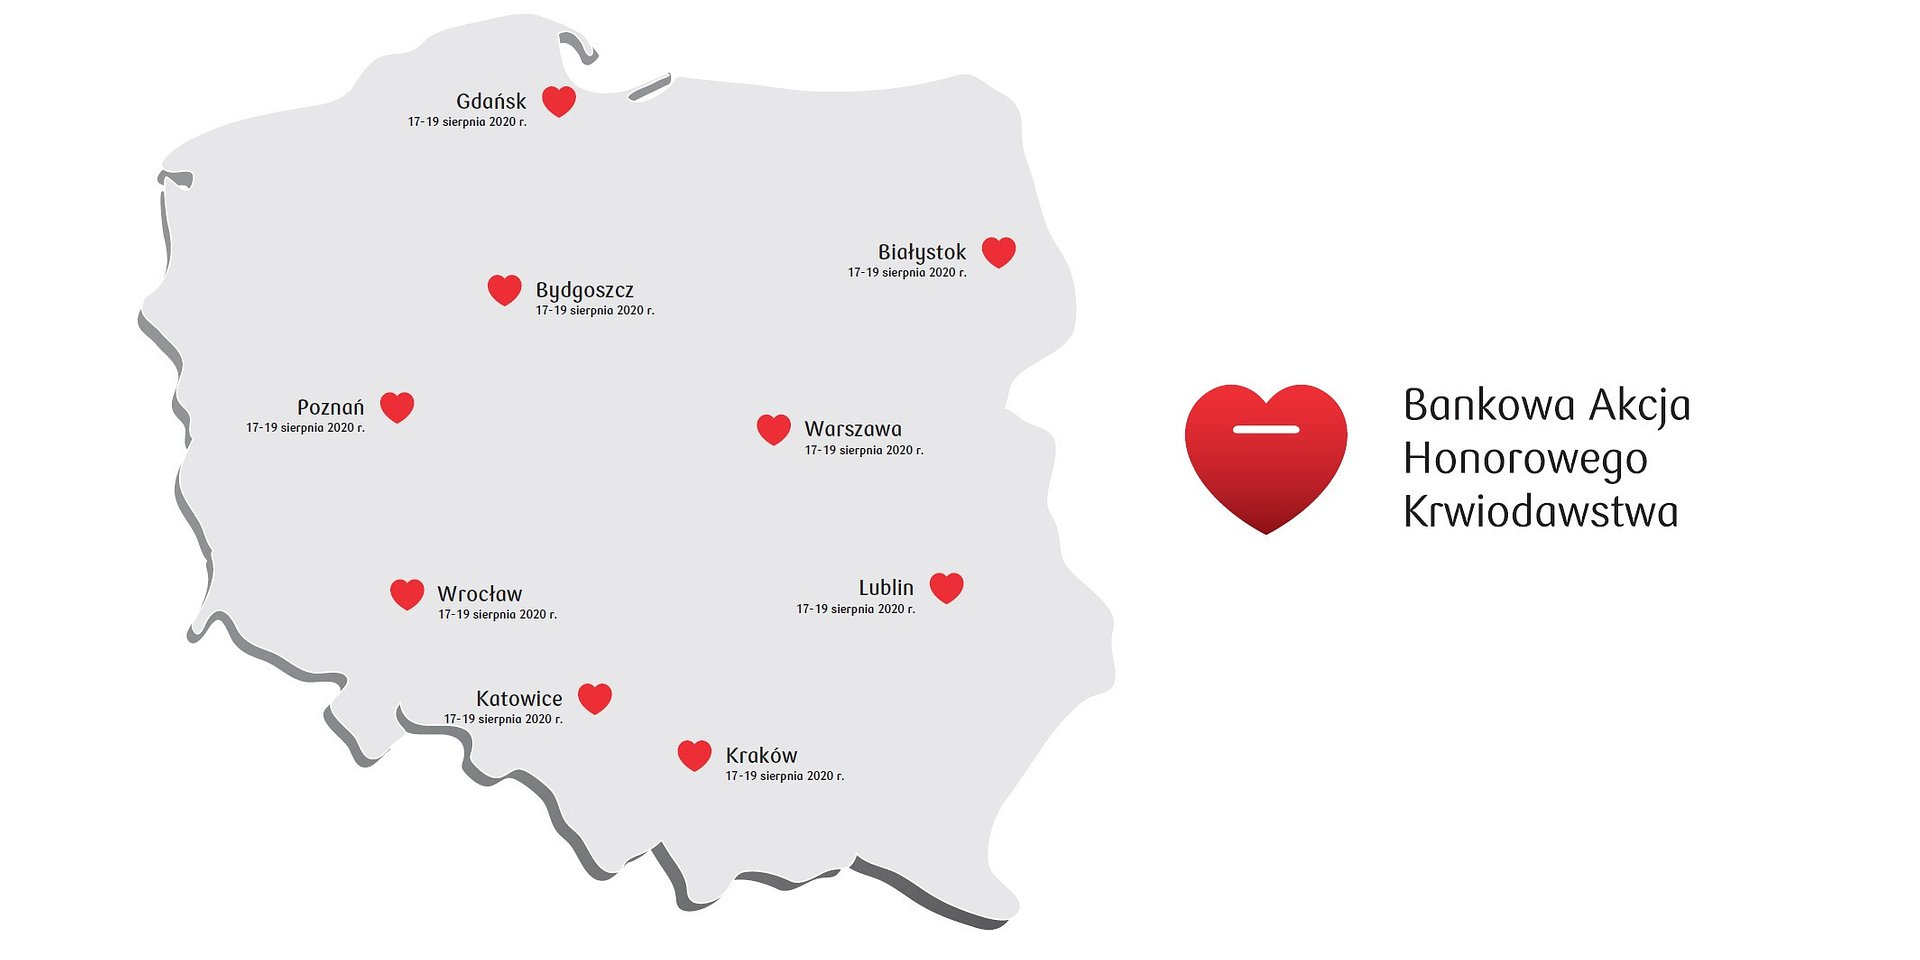 Przyłącz się do Bankowej Akcji Honorowego Krwiodawstwa w Gdańsku